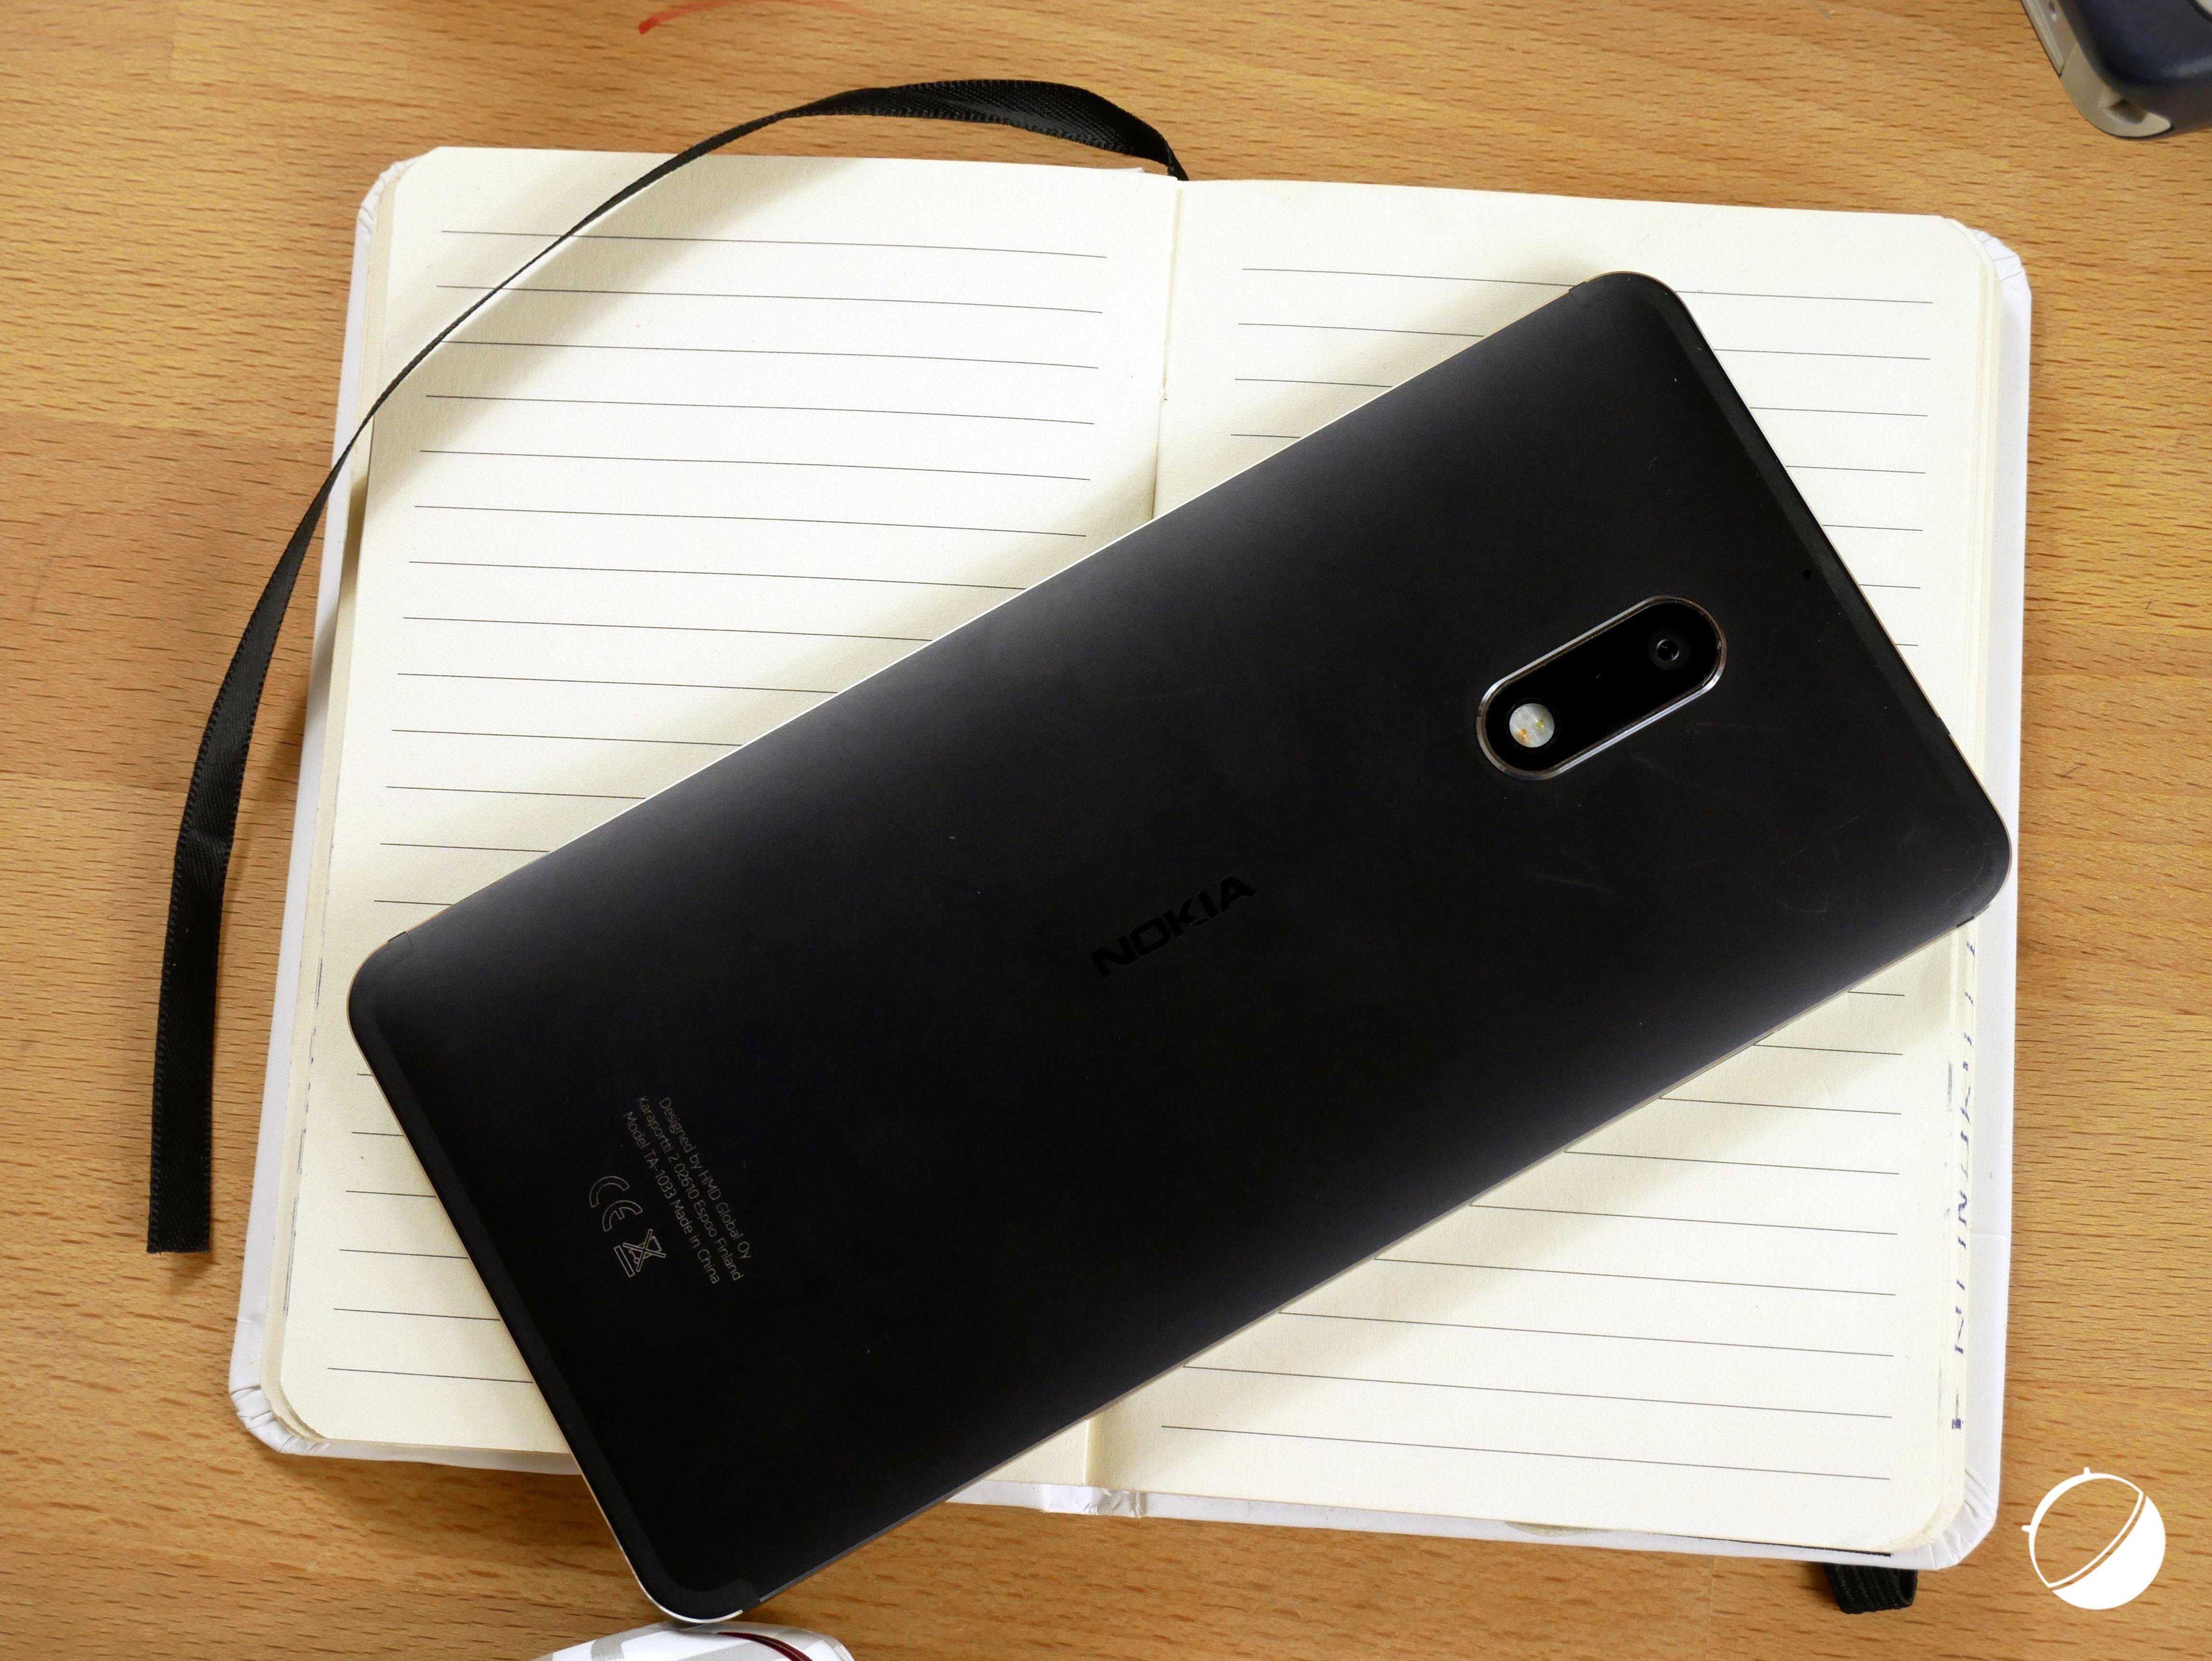 Nokia 6 Arte Black et ses 4 Go de RAM et 64 Go de stockage a-t-il été annulé ?